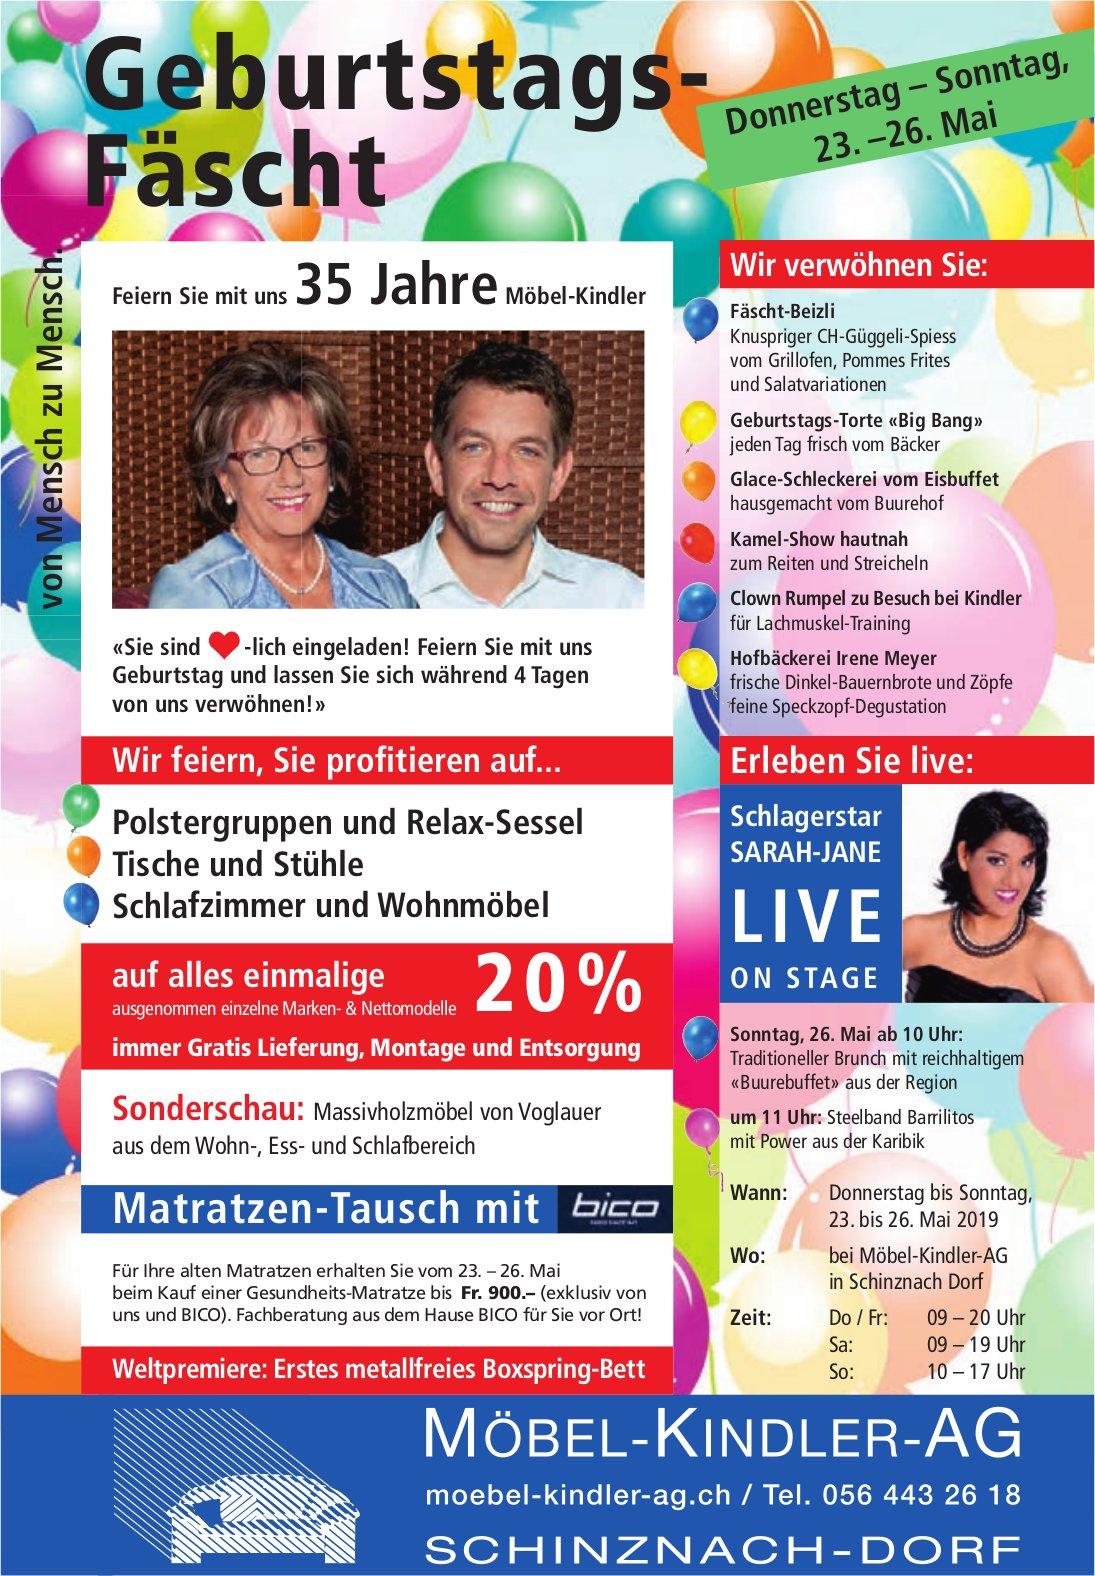 Geburtstags-Fäscht, 23. - 26. Mai, MÖBEL-KINDLER-AG, Schinznach-Dorf